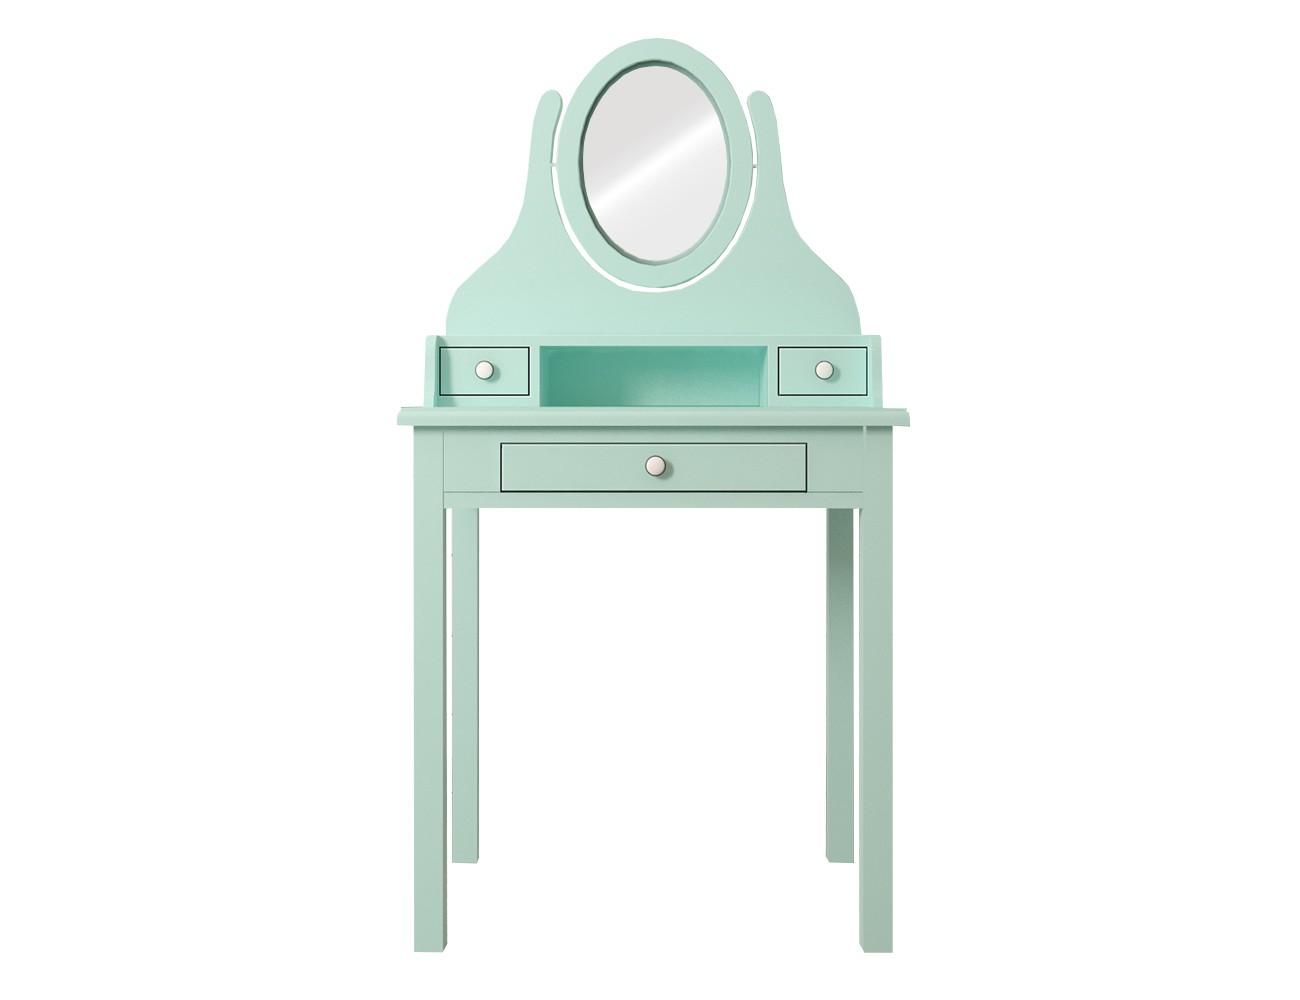 Туалетный столик AdelinaТуалетные столики<br><br><br>Material: Береза<br>Ширина см: 70<br>Высота см: 136<br>Глубина см: 40